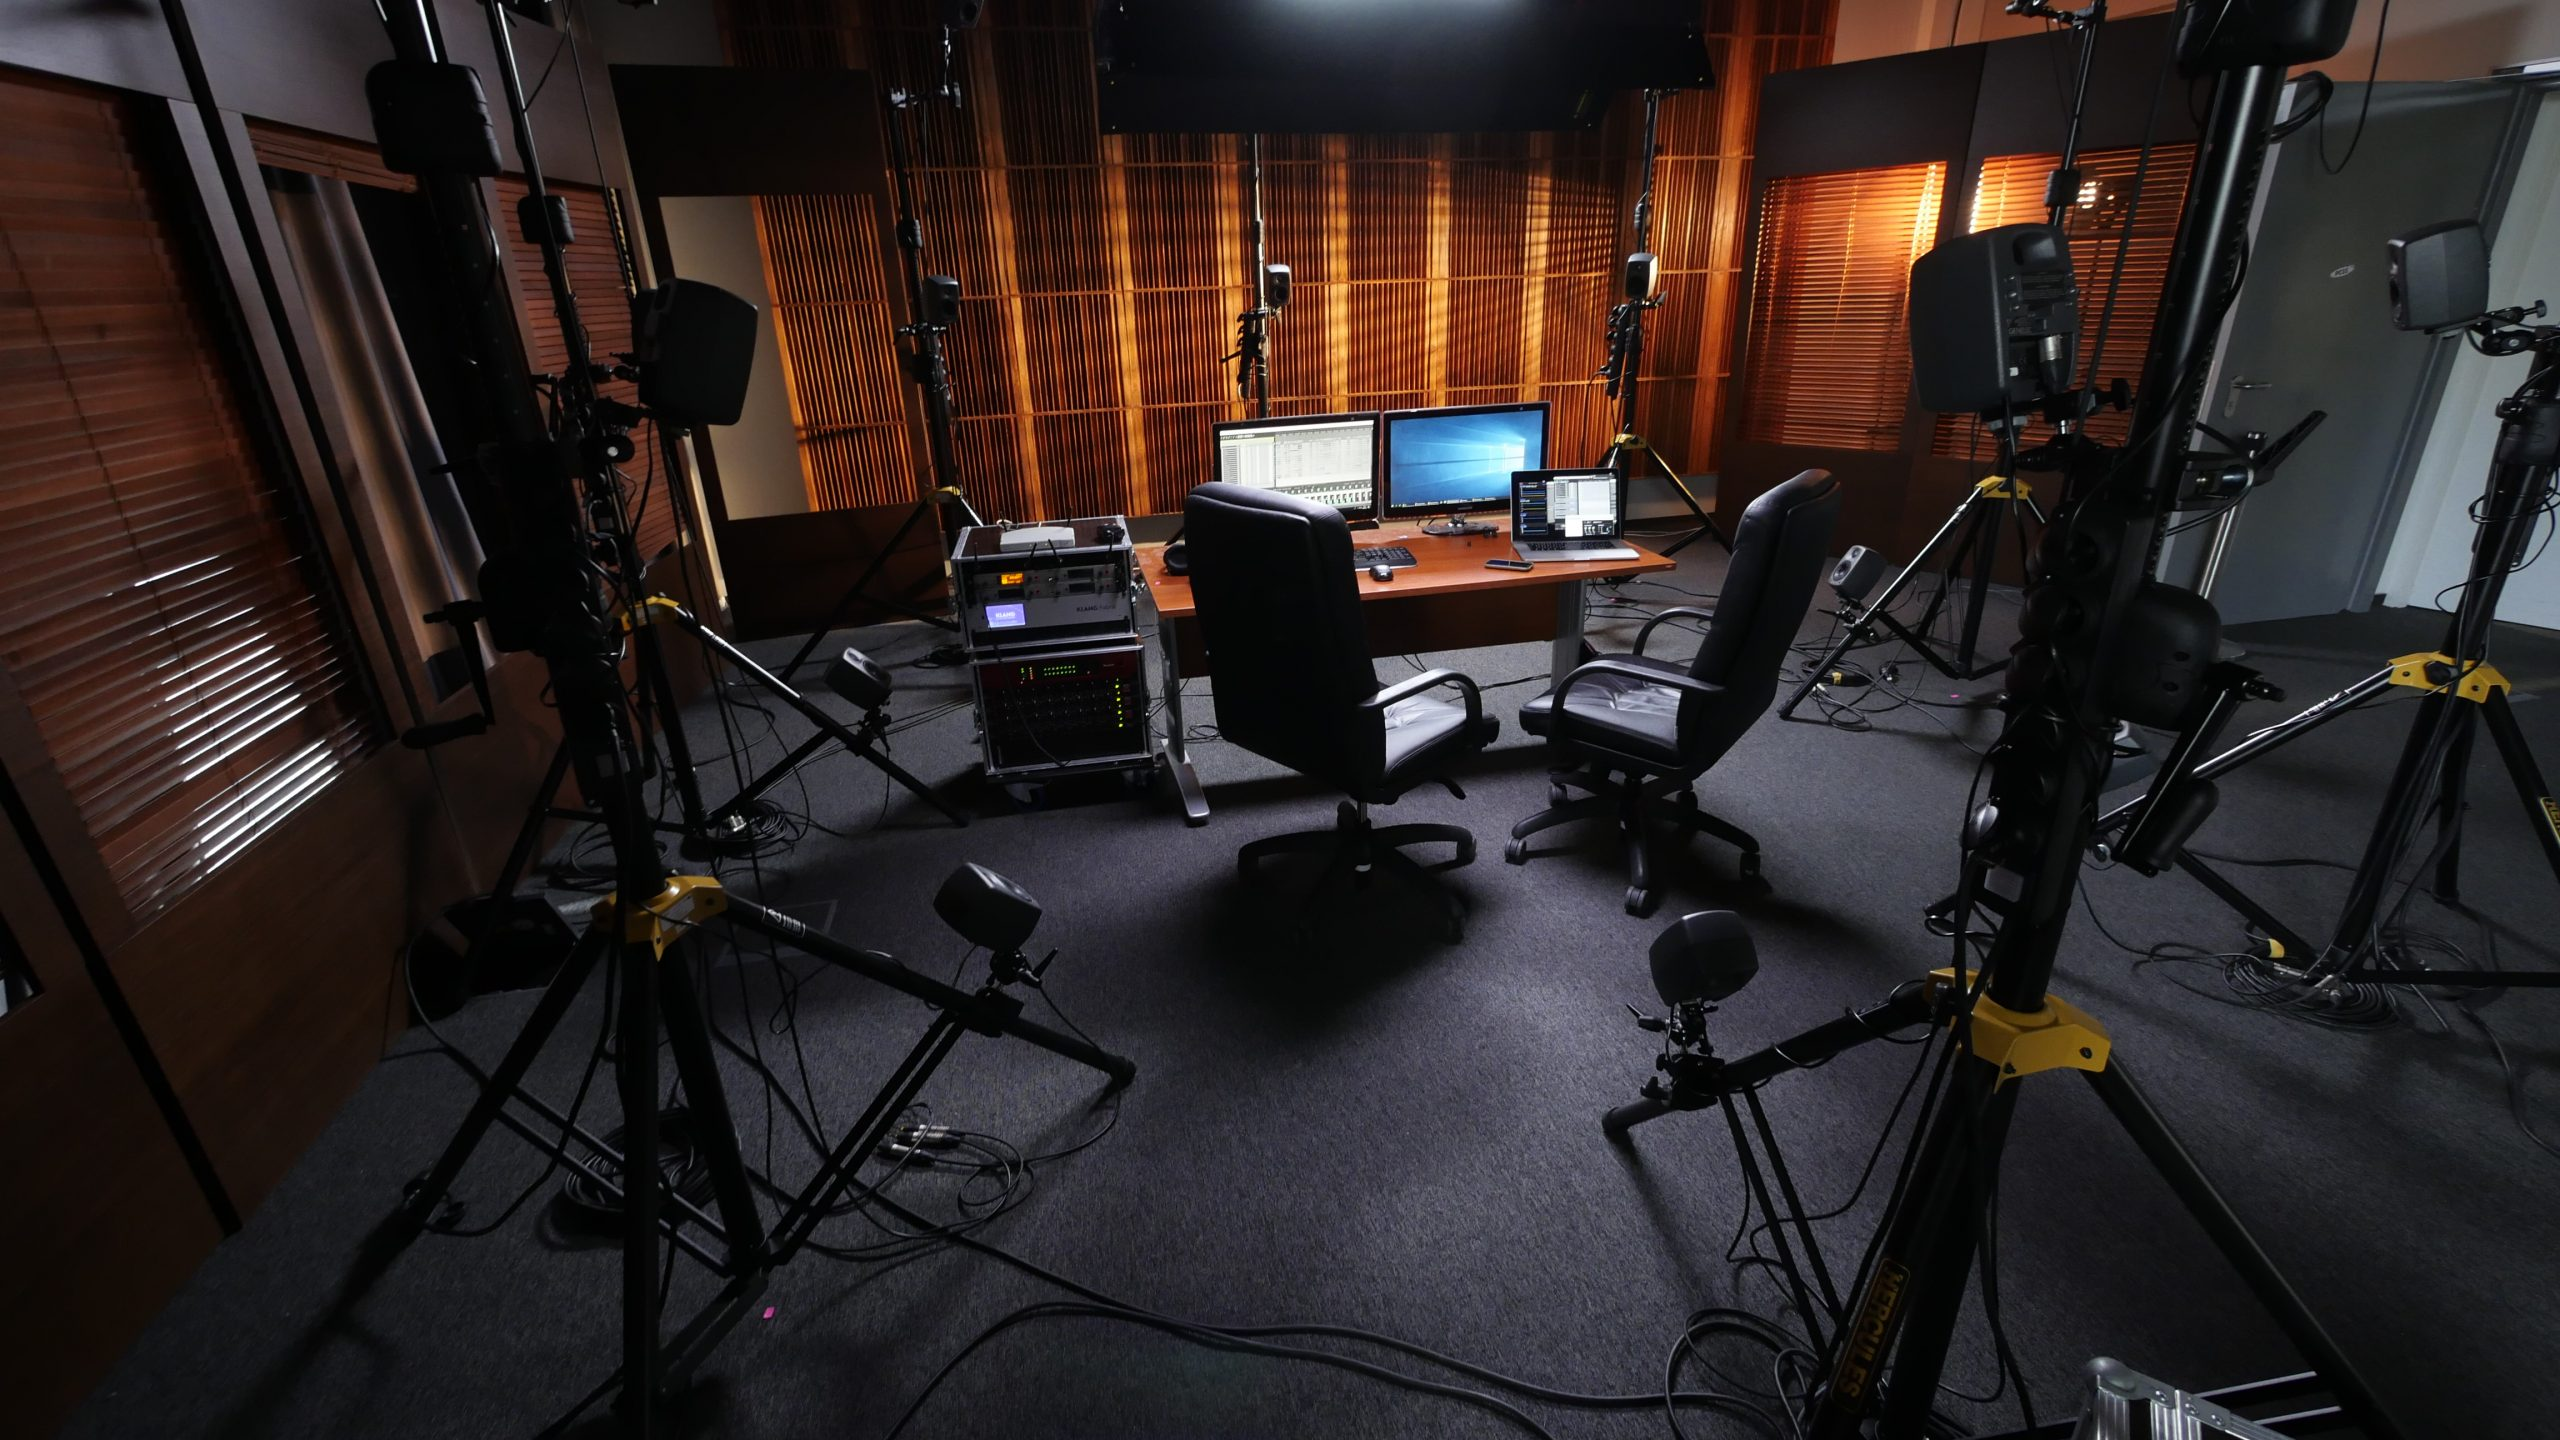 XVIII Międzynarodowe Sympozjum Nowości w Technice Audio i Wideo: prezentacja PCSS